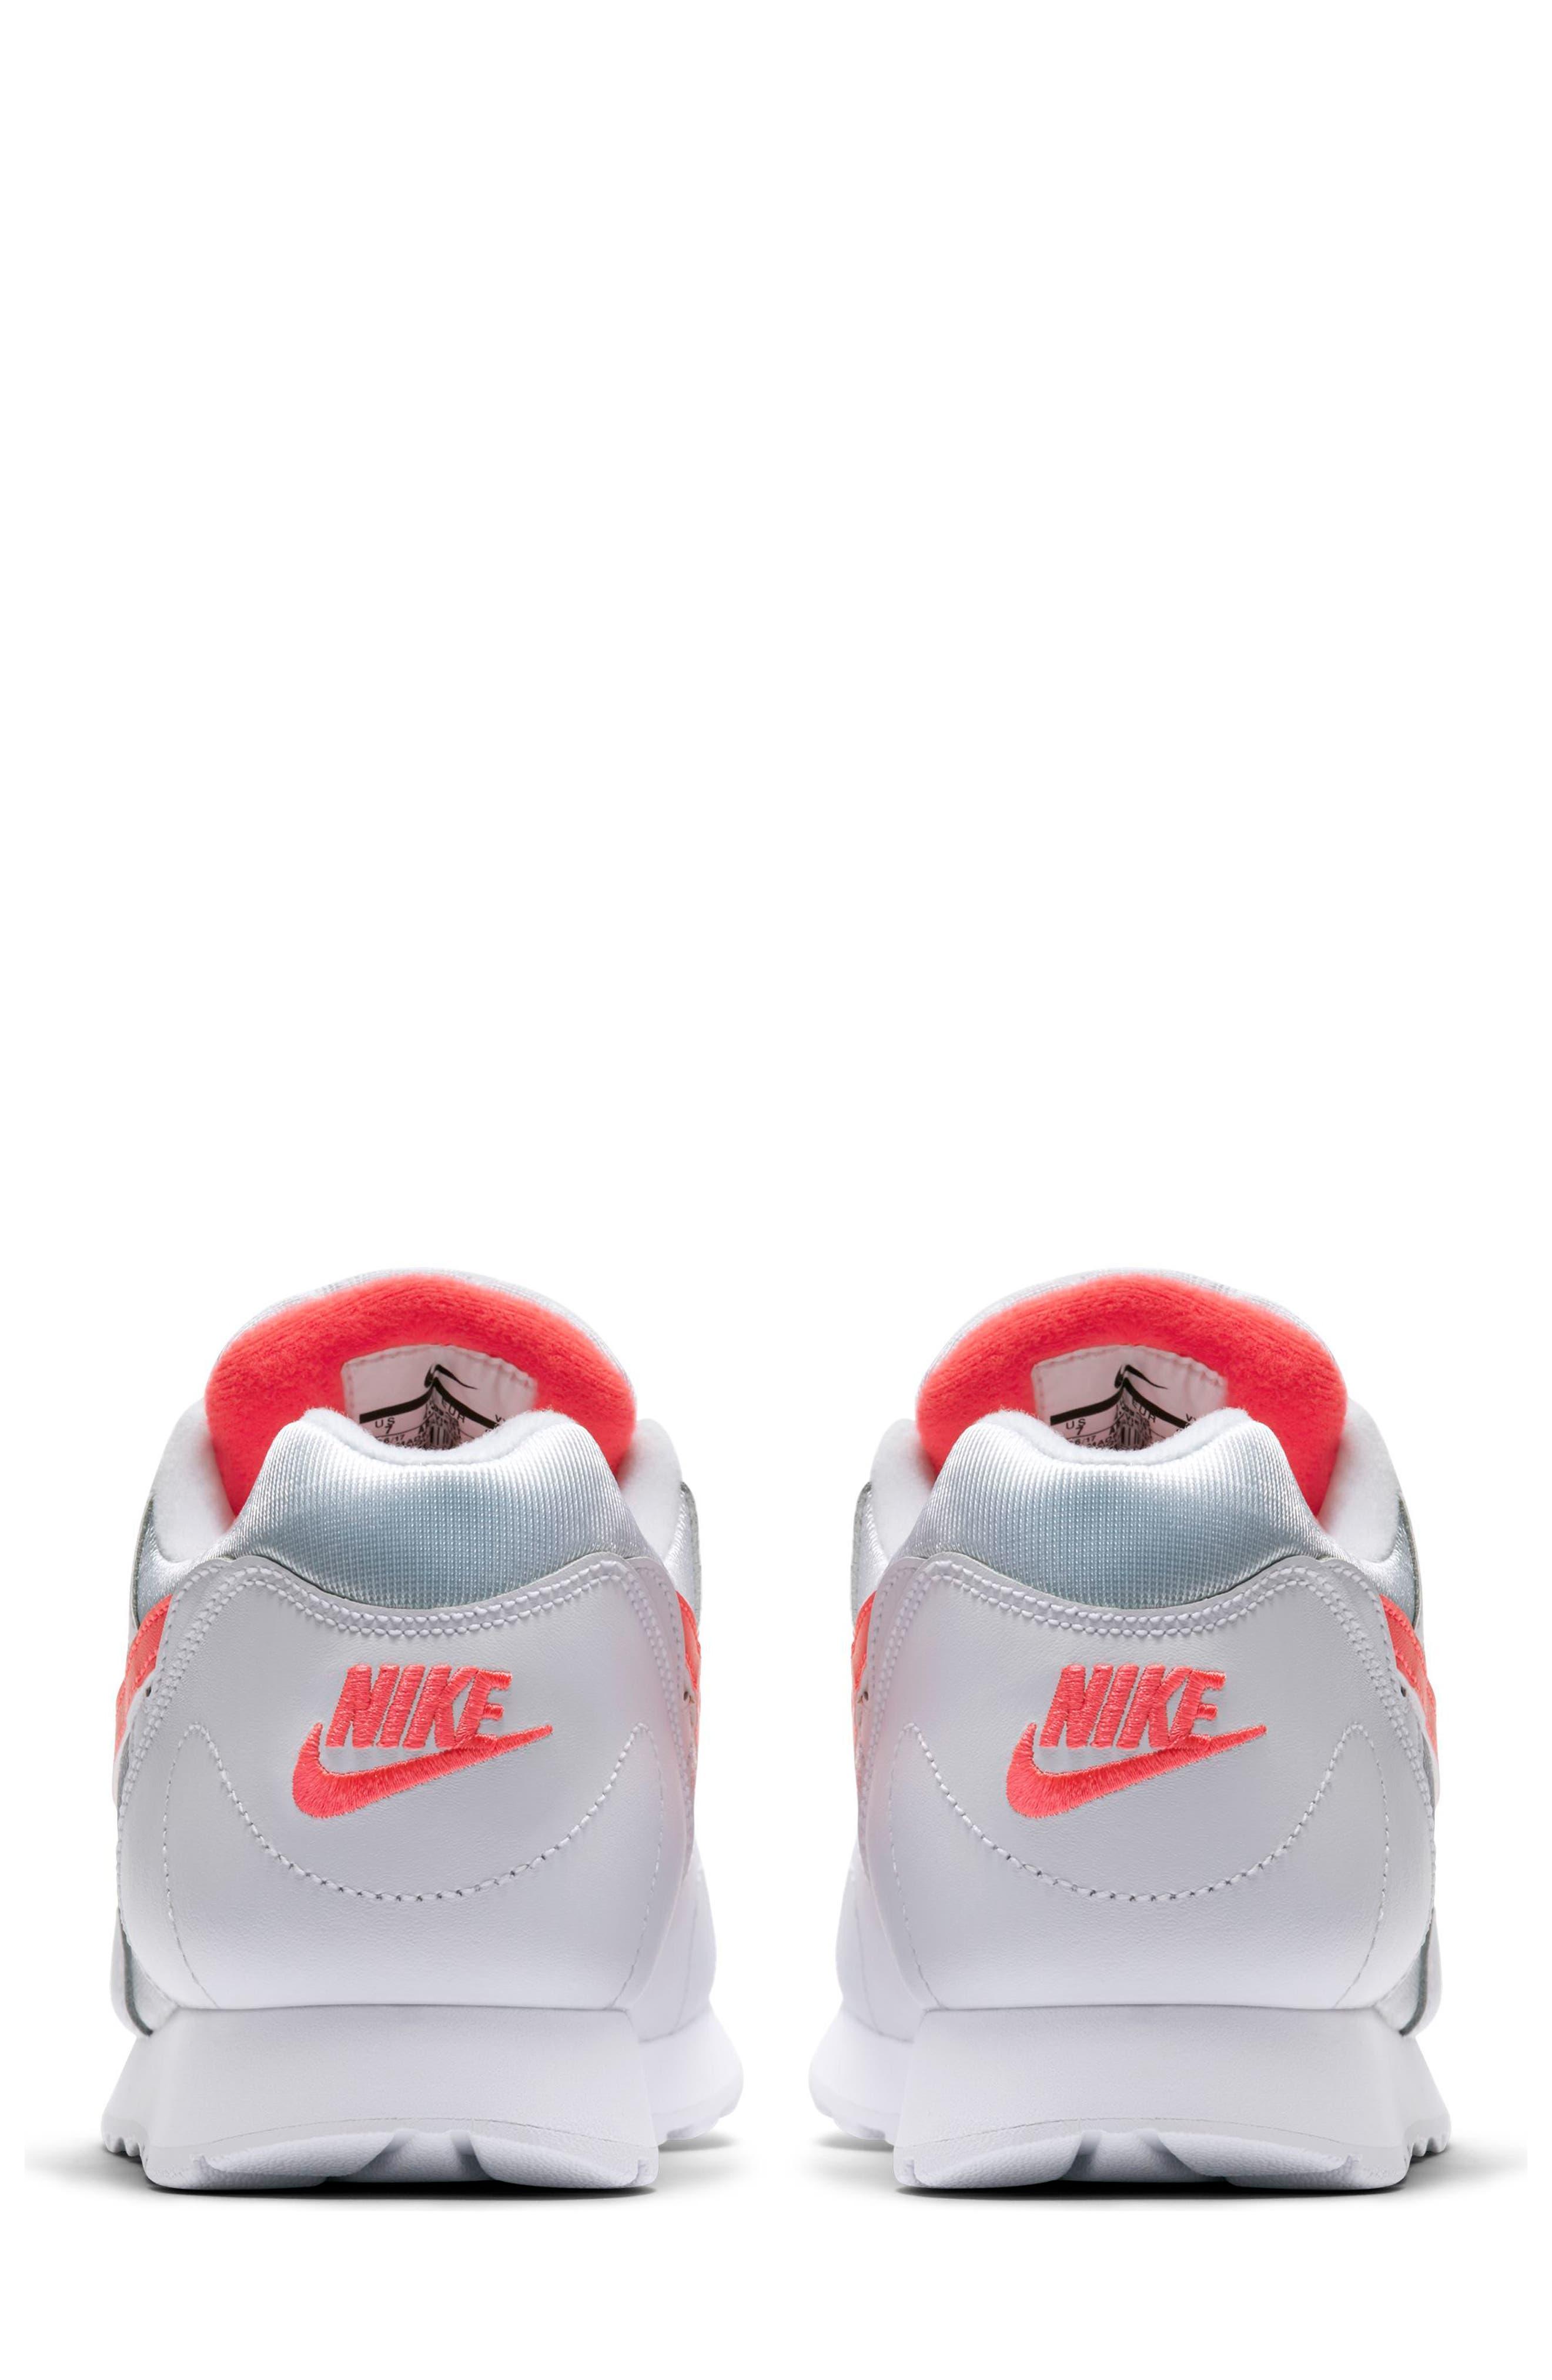 Outburst OG Sneaker,                             Alternate thumbnail 2, color,                             White/ Solar Red